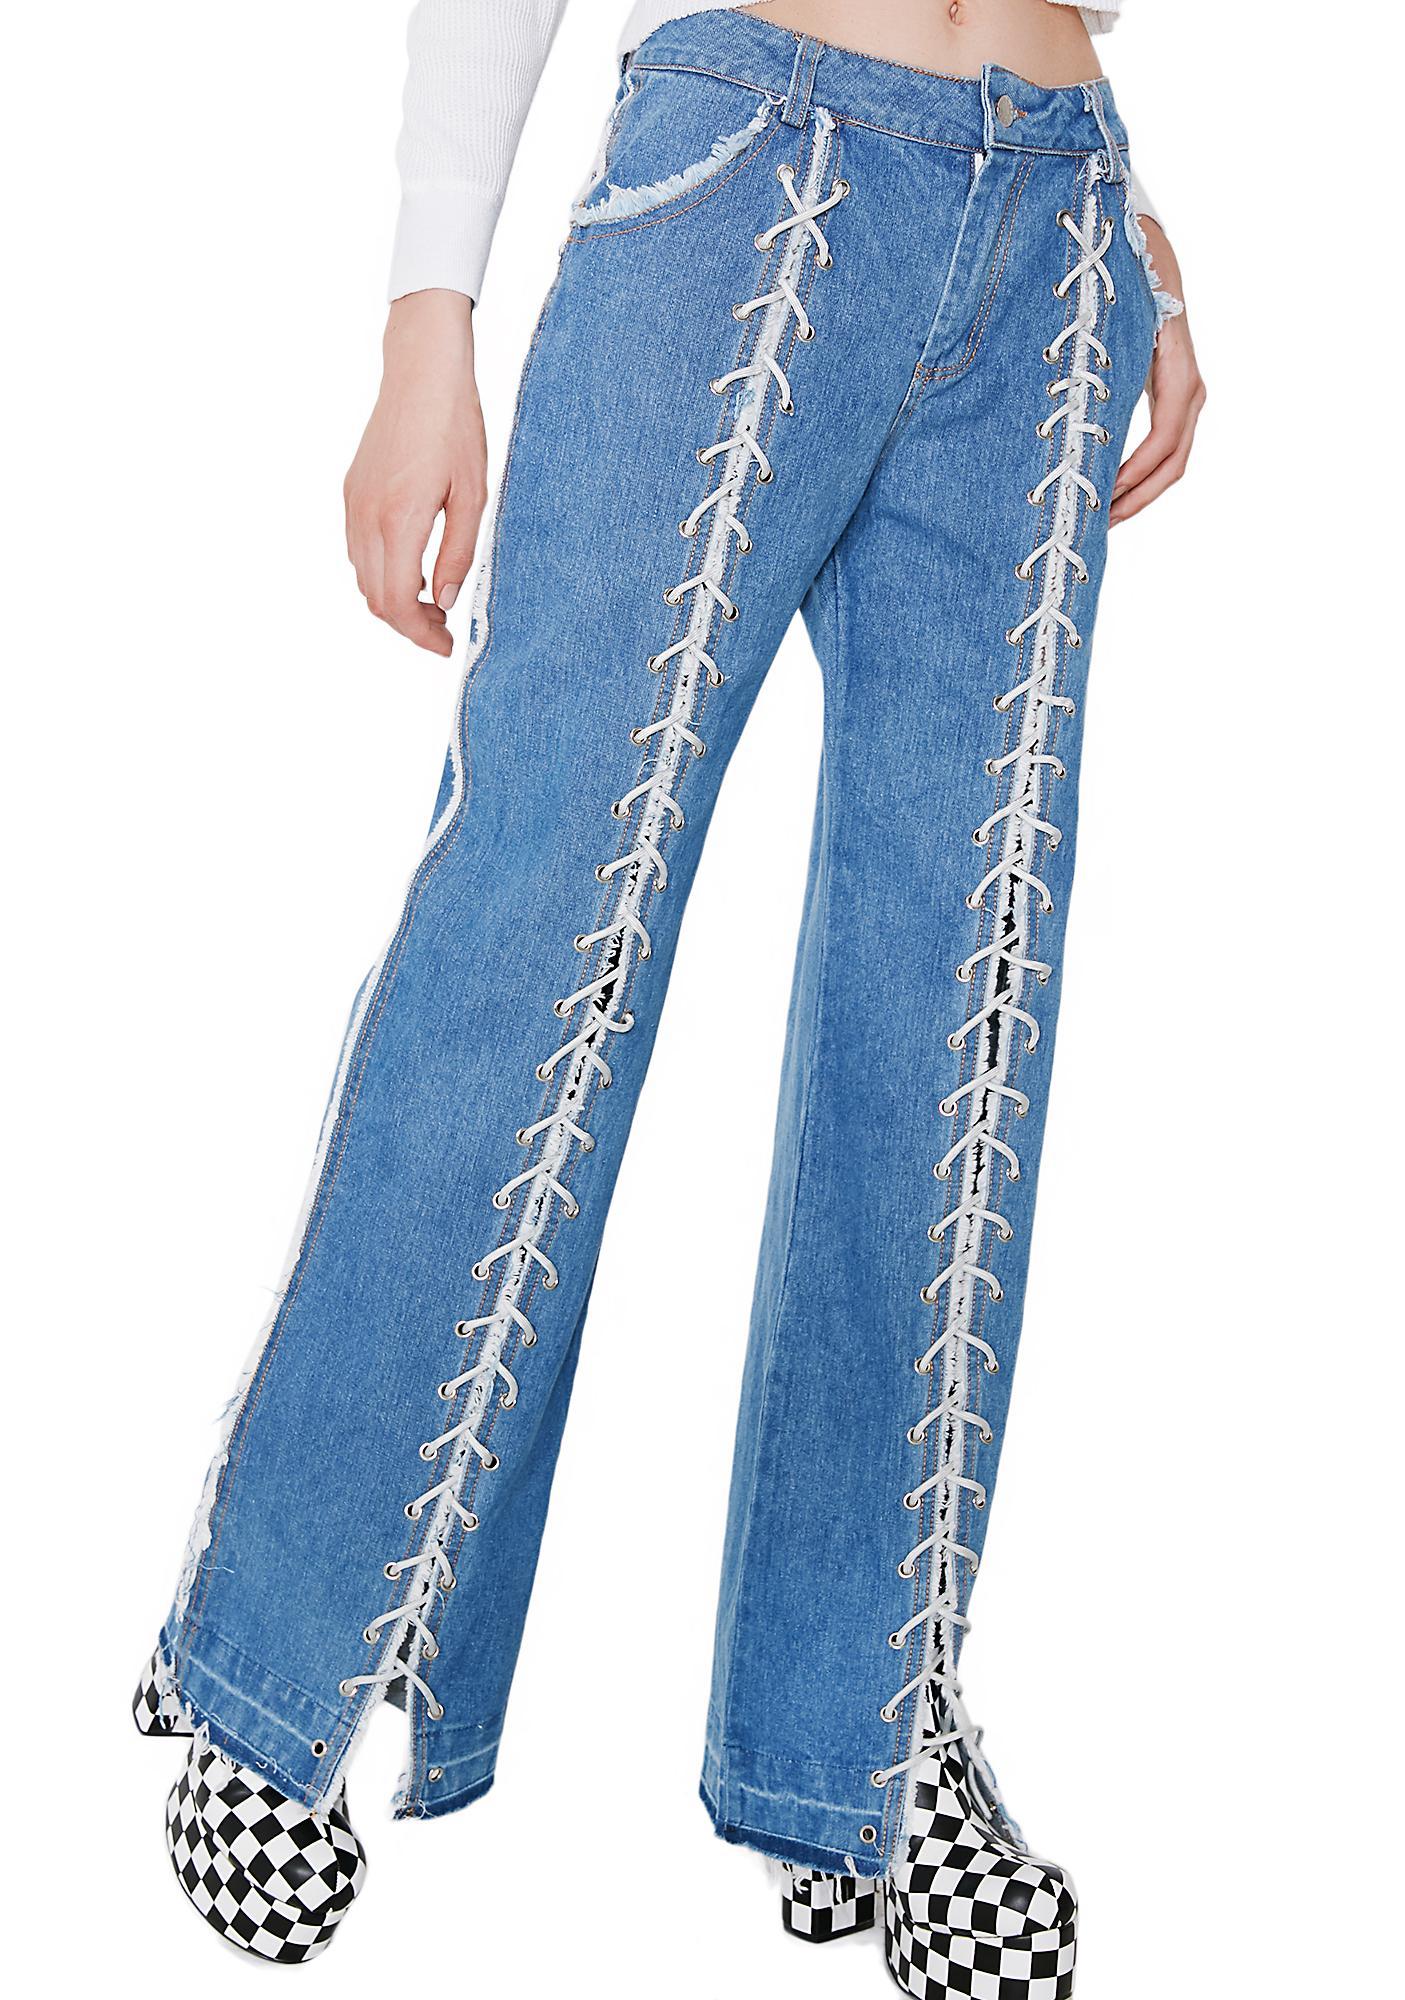 Eli'Noir Get Laced Jeans